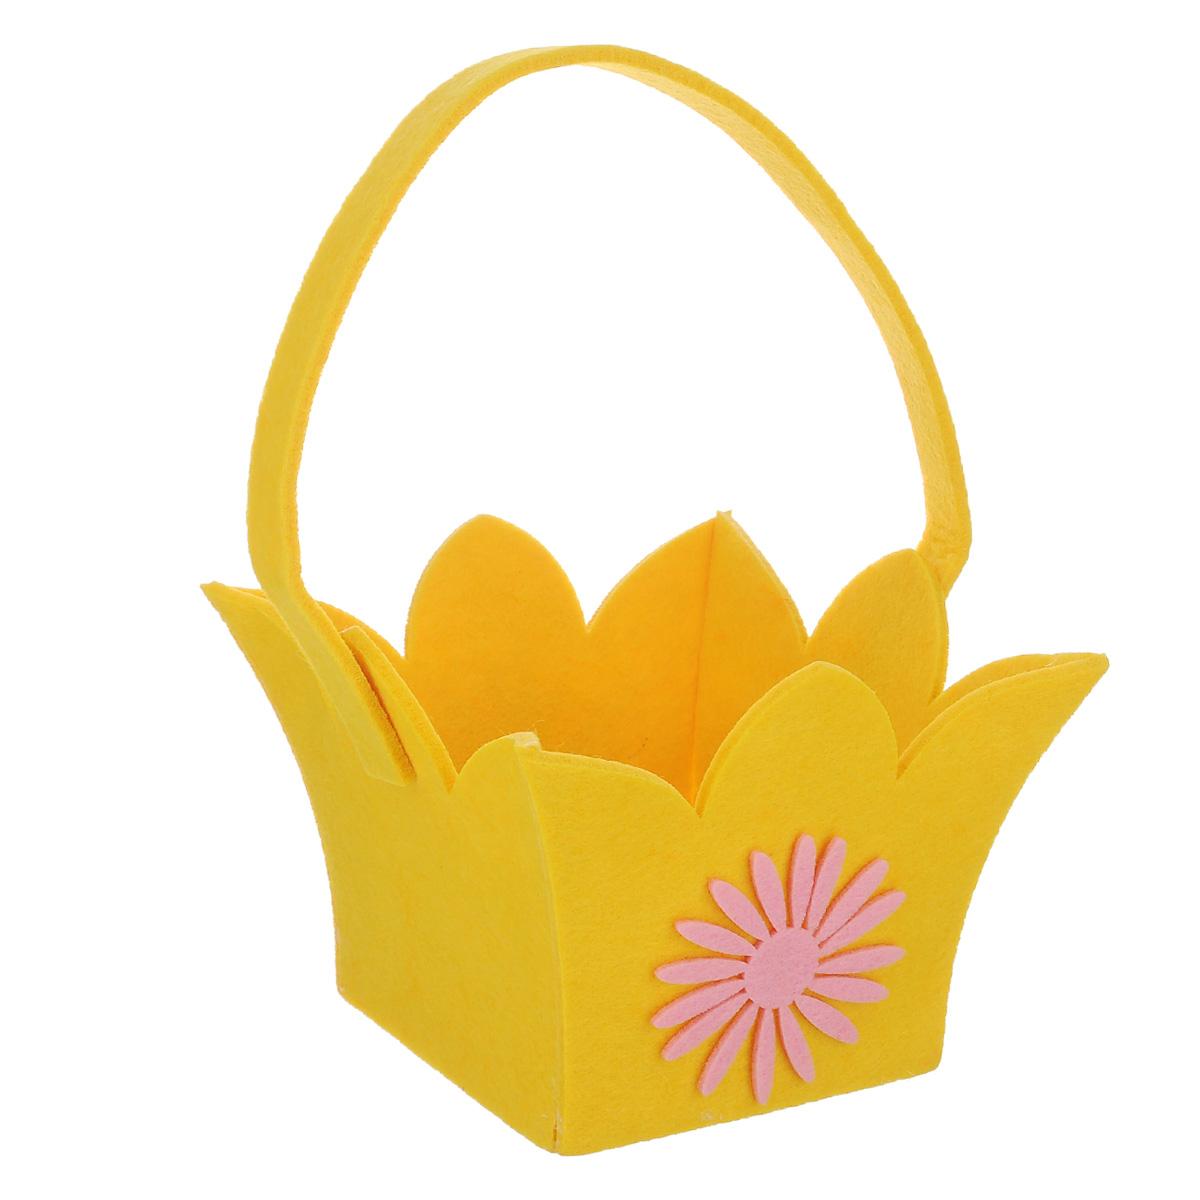 Корзинка Home Queen Лилия, цвет: желтый, 14 см х 14 см х 12 см09840-20.000.00Корзинка Home Queen Лилия предназначена для украшения интерьера и сервировки стола. Изделие выполнено из фетра, оформлено аппликацией в виде цветка. Корзинка оснащена ручкой. Такая оригинальная корзинка станет ярким украшением стола. Идеальный вариант для хранения пасхальных яиц или хлеба.